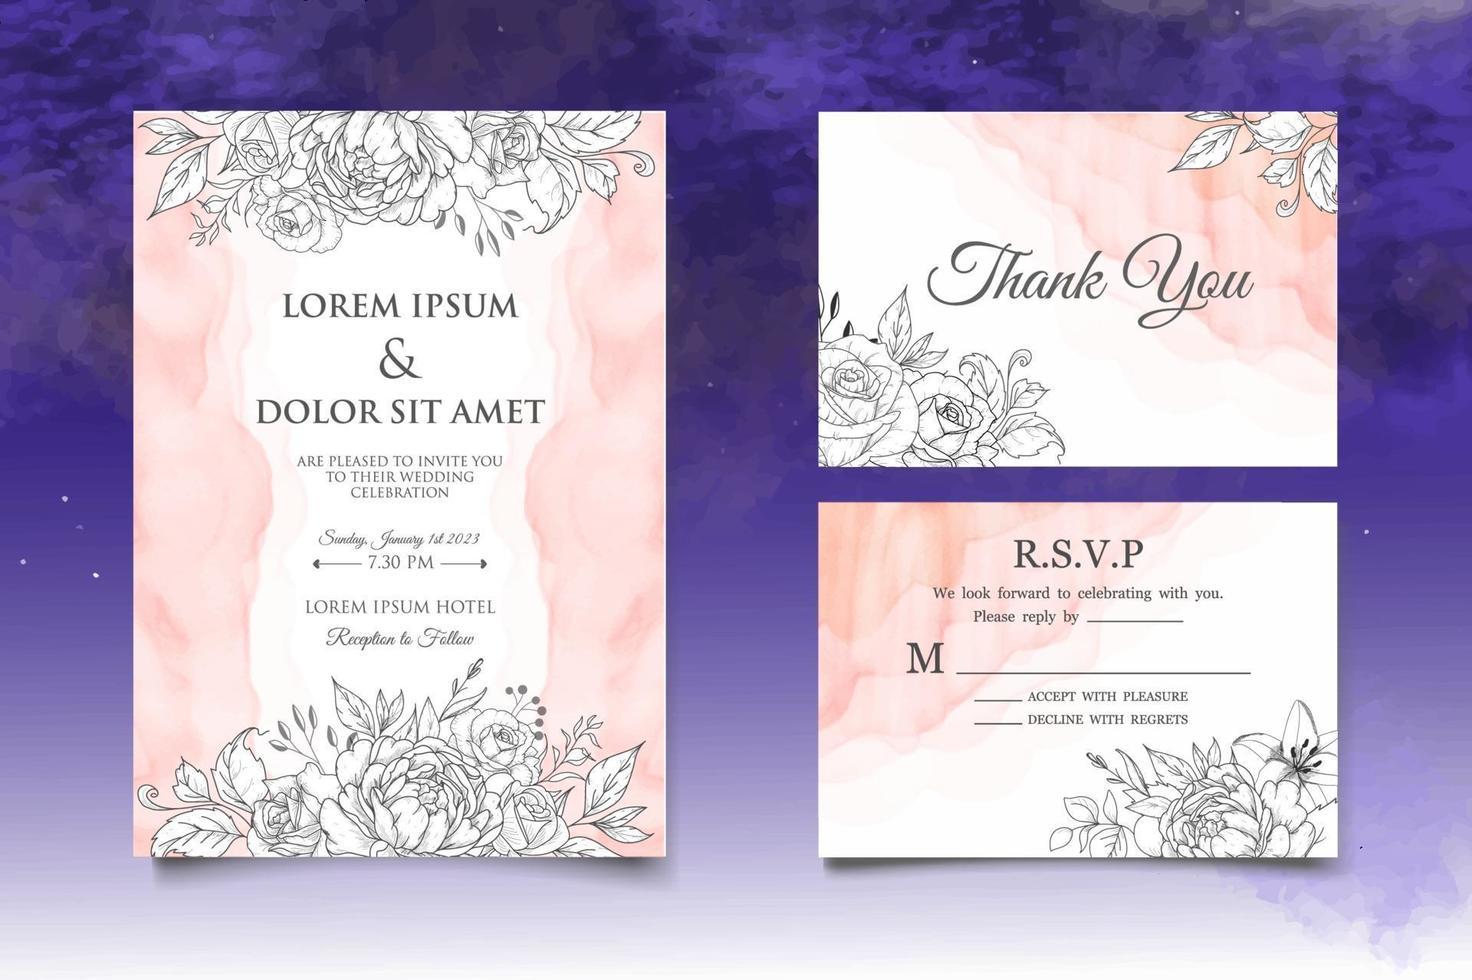 carta di invito matrimonio floreale disegno a mano vettore